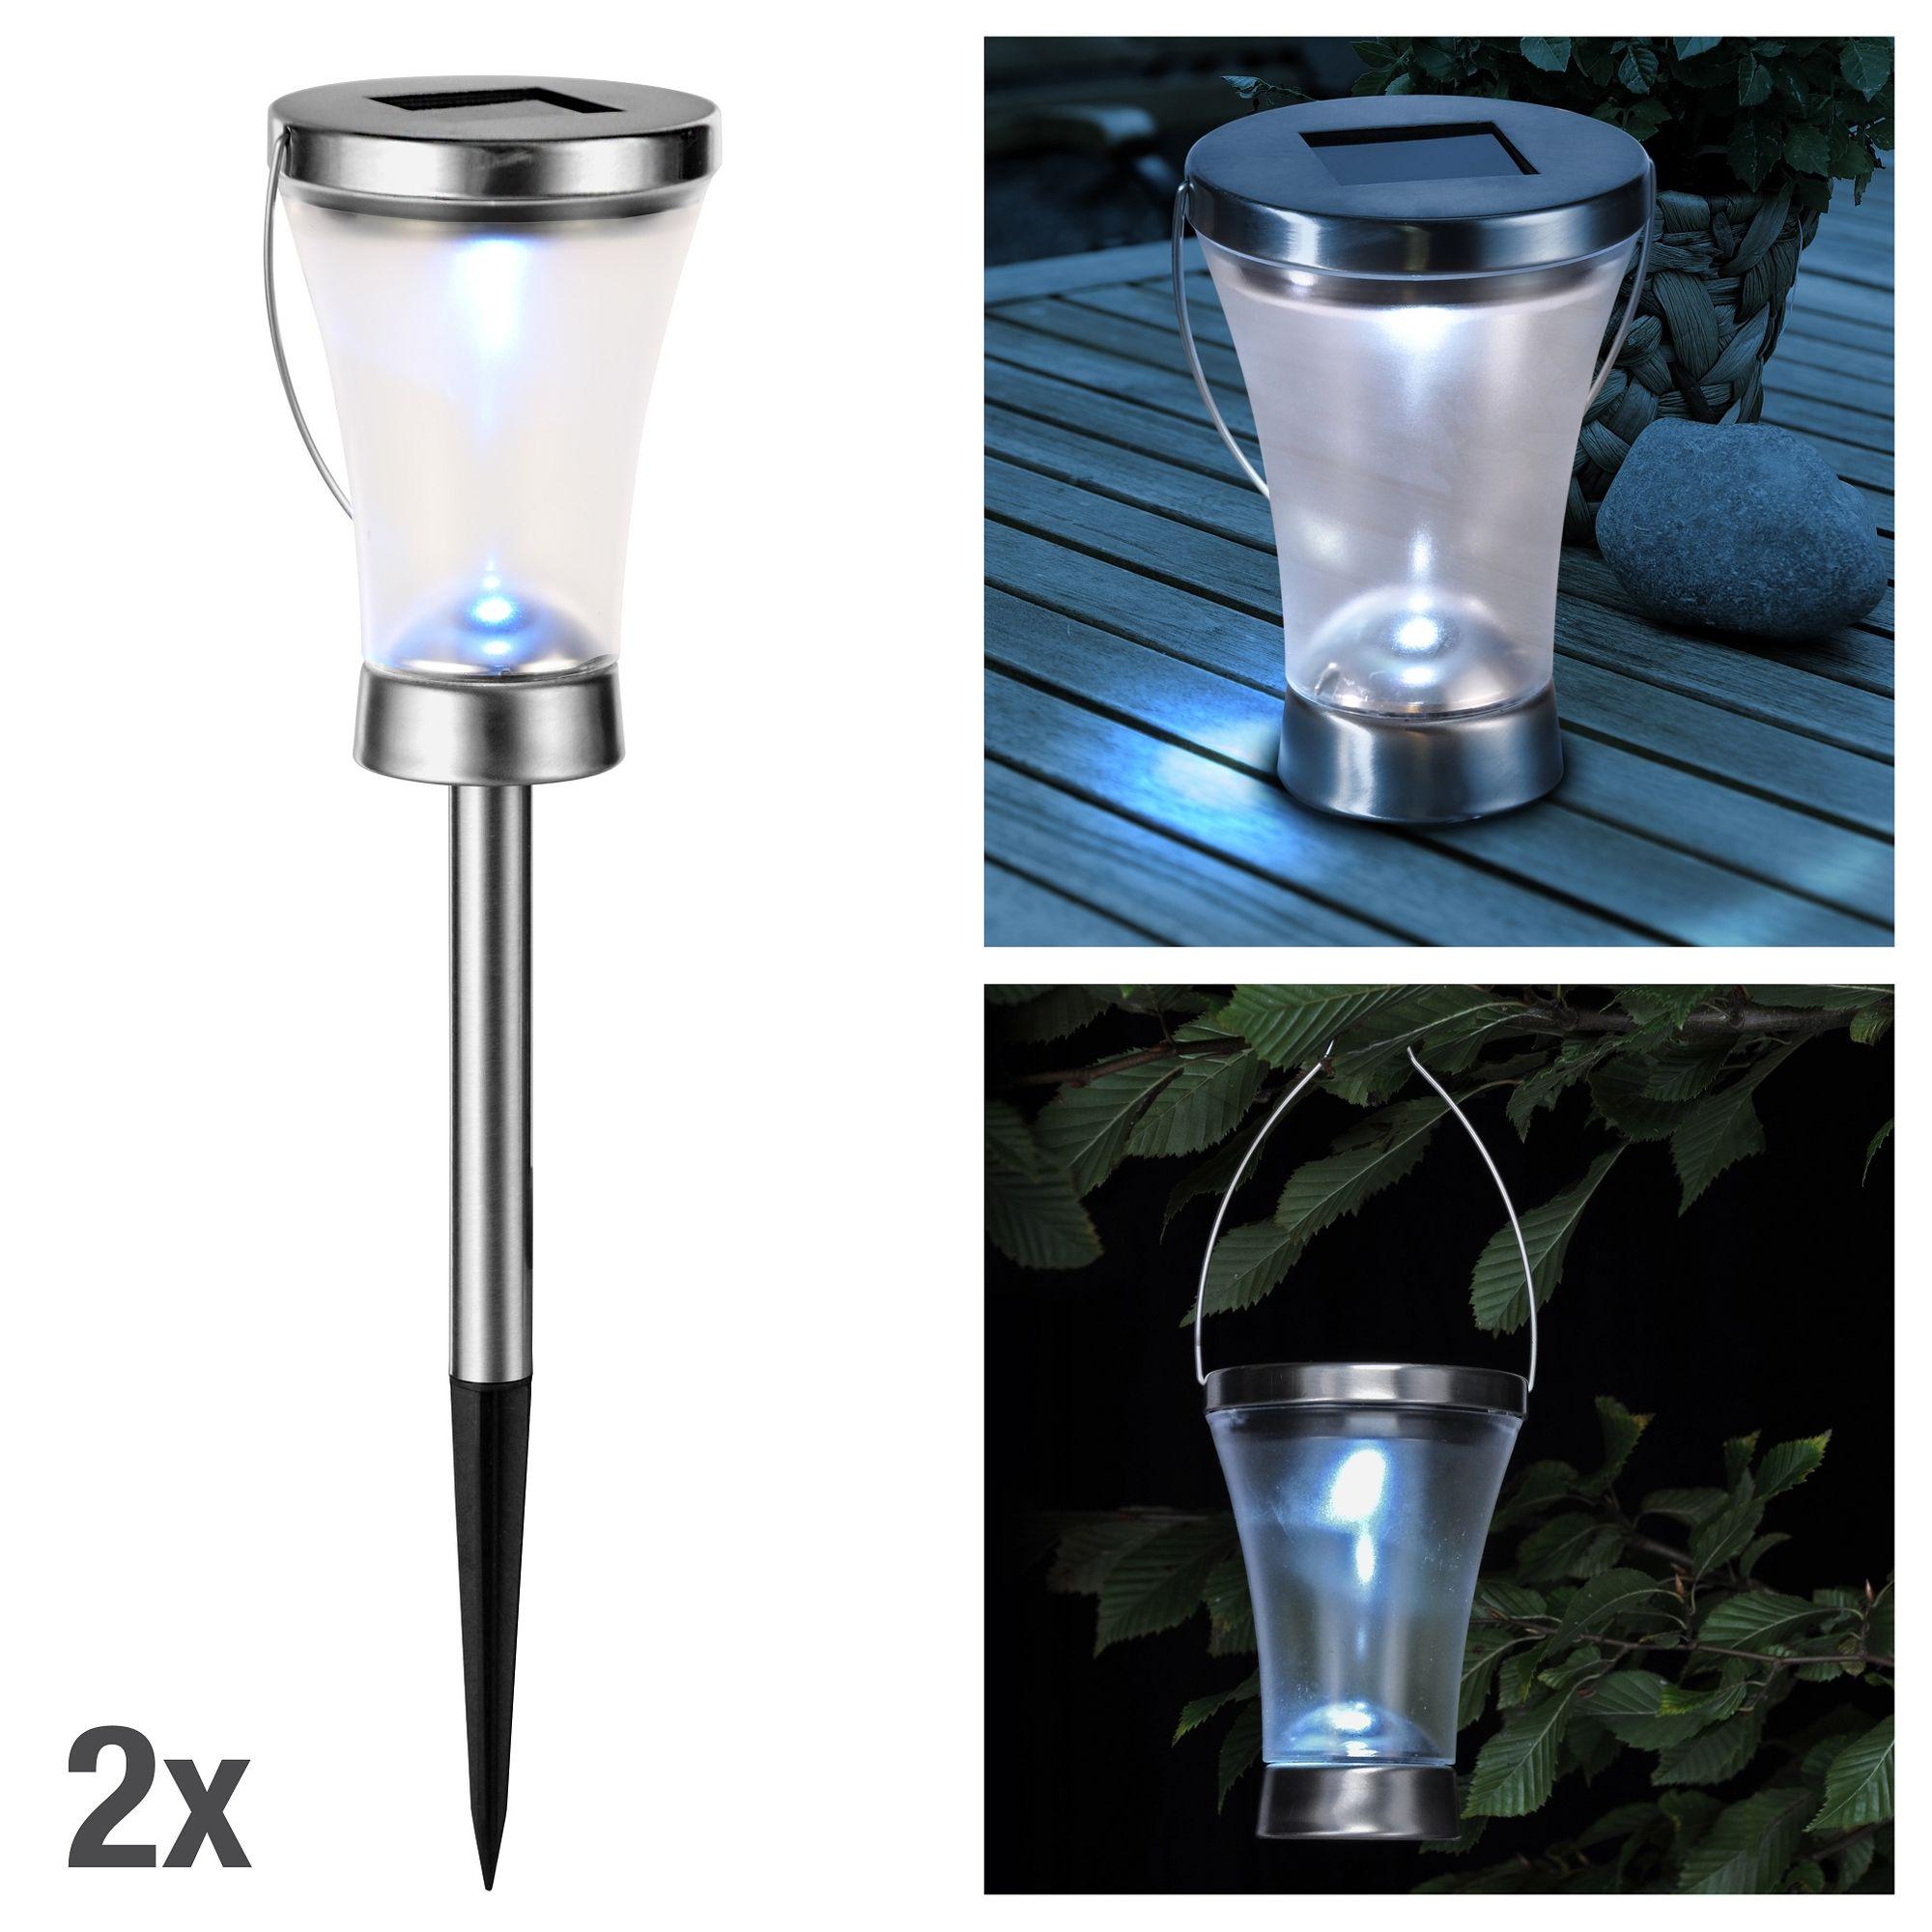 2 x led solar lampe mit 3 anwendungsm glichkeiten wegeleuchte tischleuchte h ngeleuchte. Black Bedroom Furniture Sets. Home Design Ideas